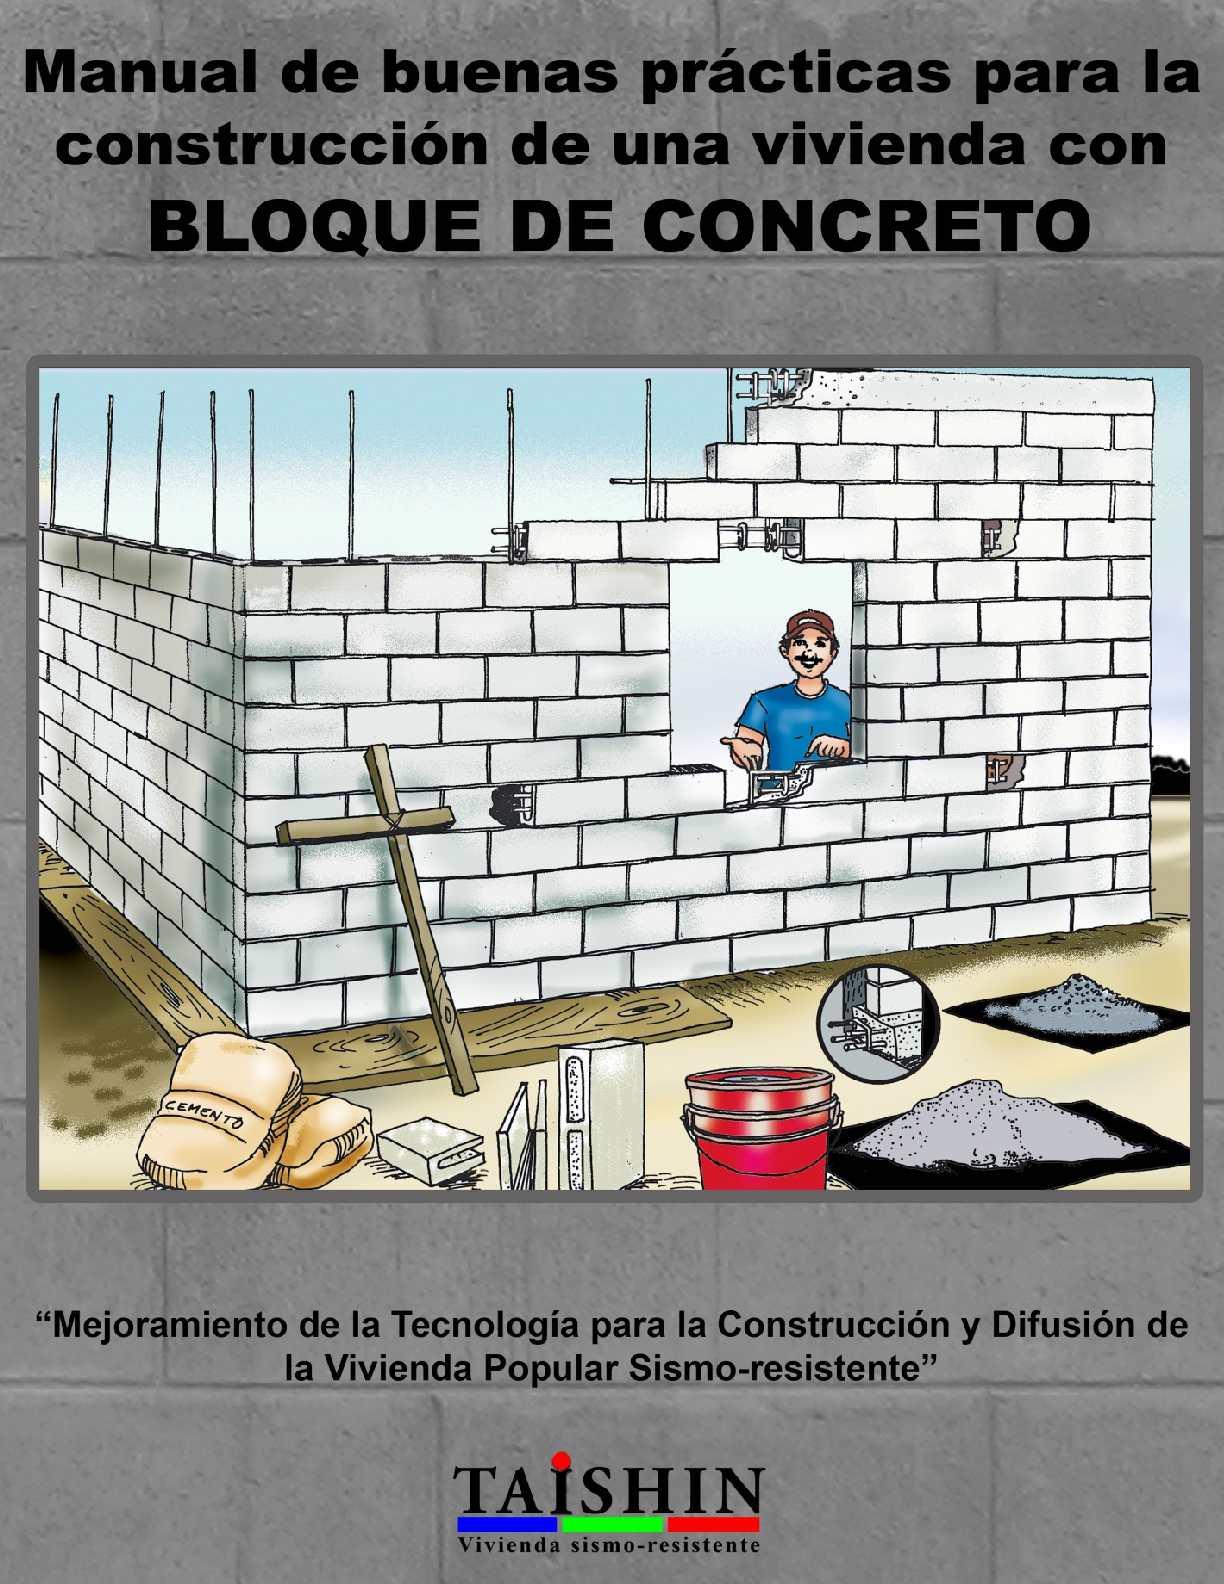 Calam o manual de buenas pr cticas para la construcci n for Ayudas para reformas de viviendas